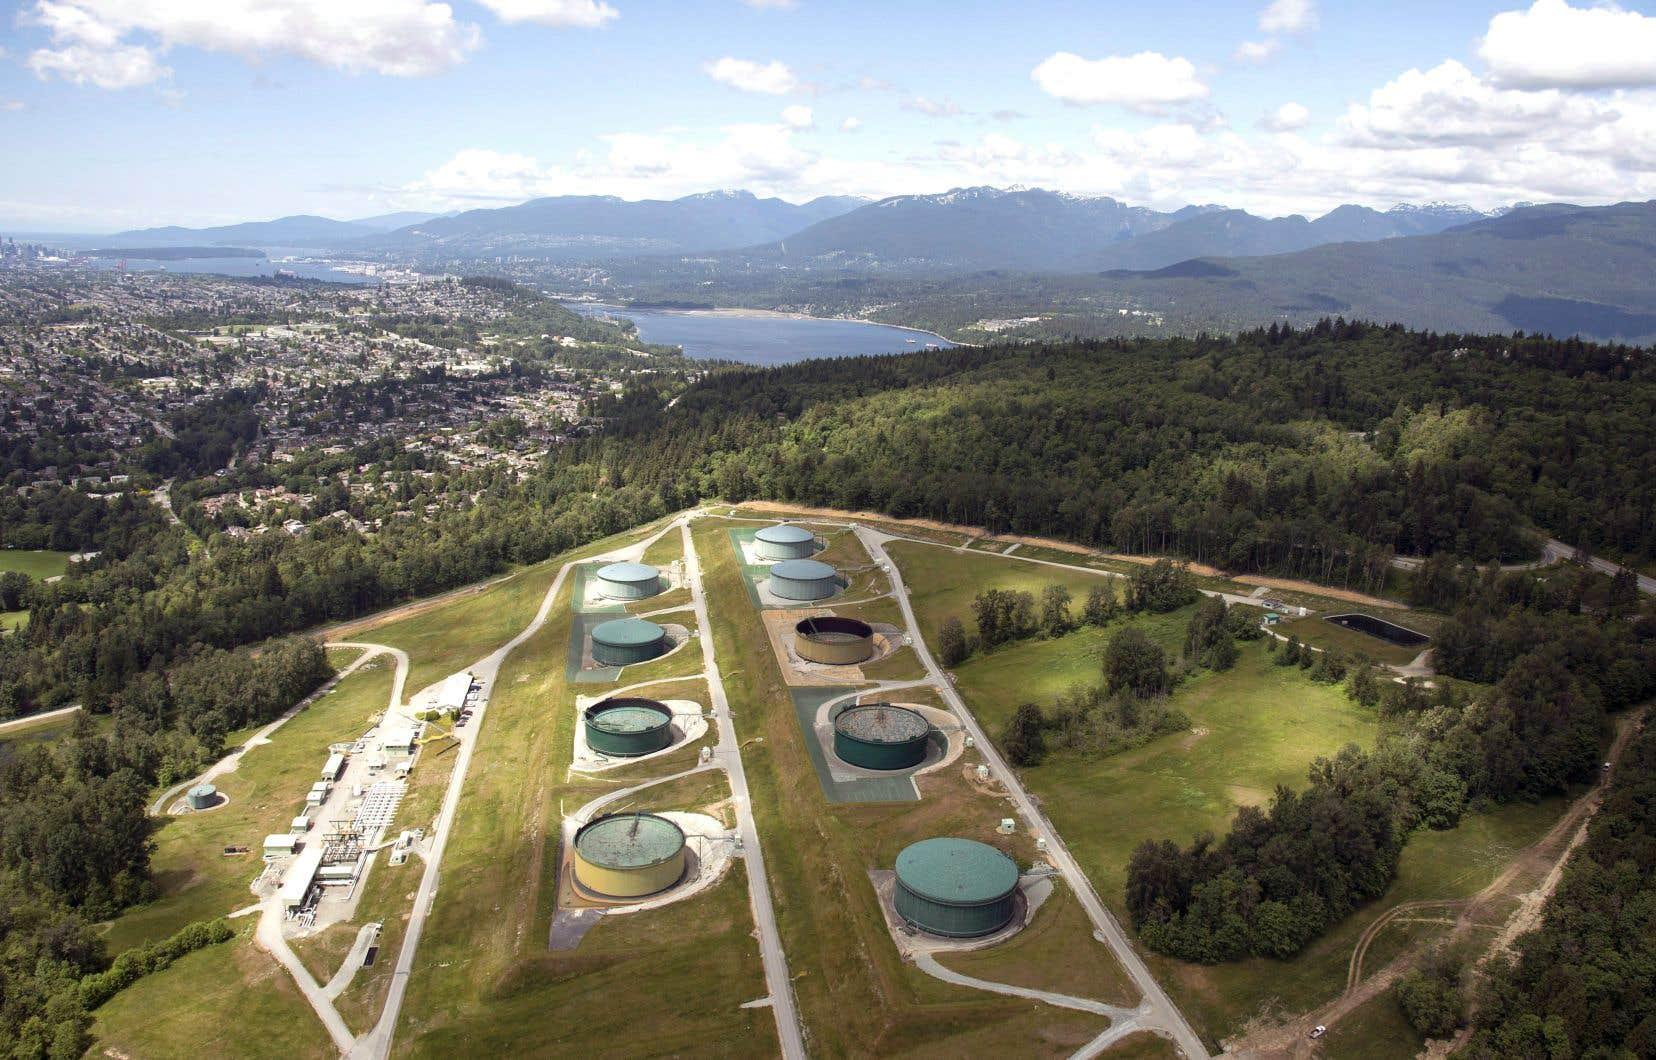 Des installations de Trans Mountain à Burnaby, en Colombie-Britannique. EDC a récemment été impliquée dans le montage financier déployé par Ottawa pour acquérir l'oléoduc Trans Mountain.